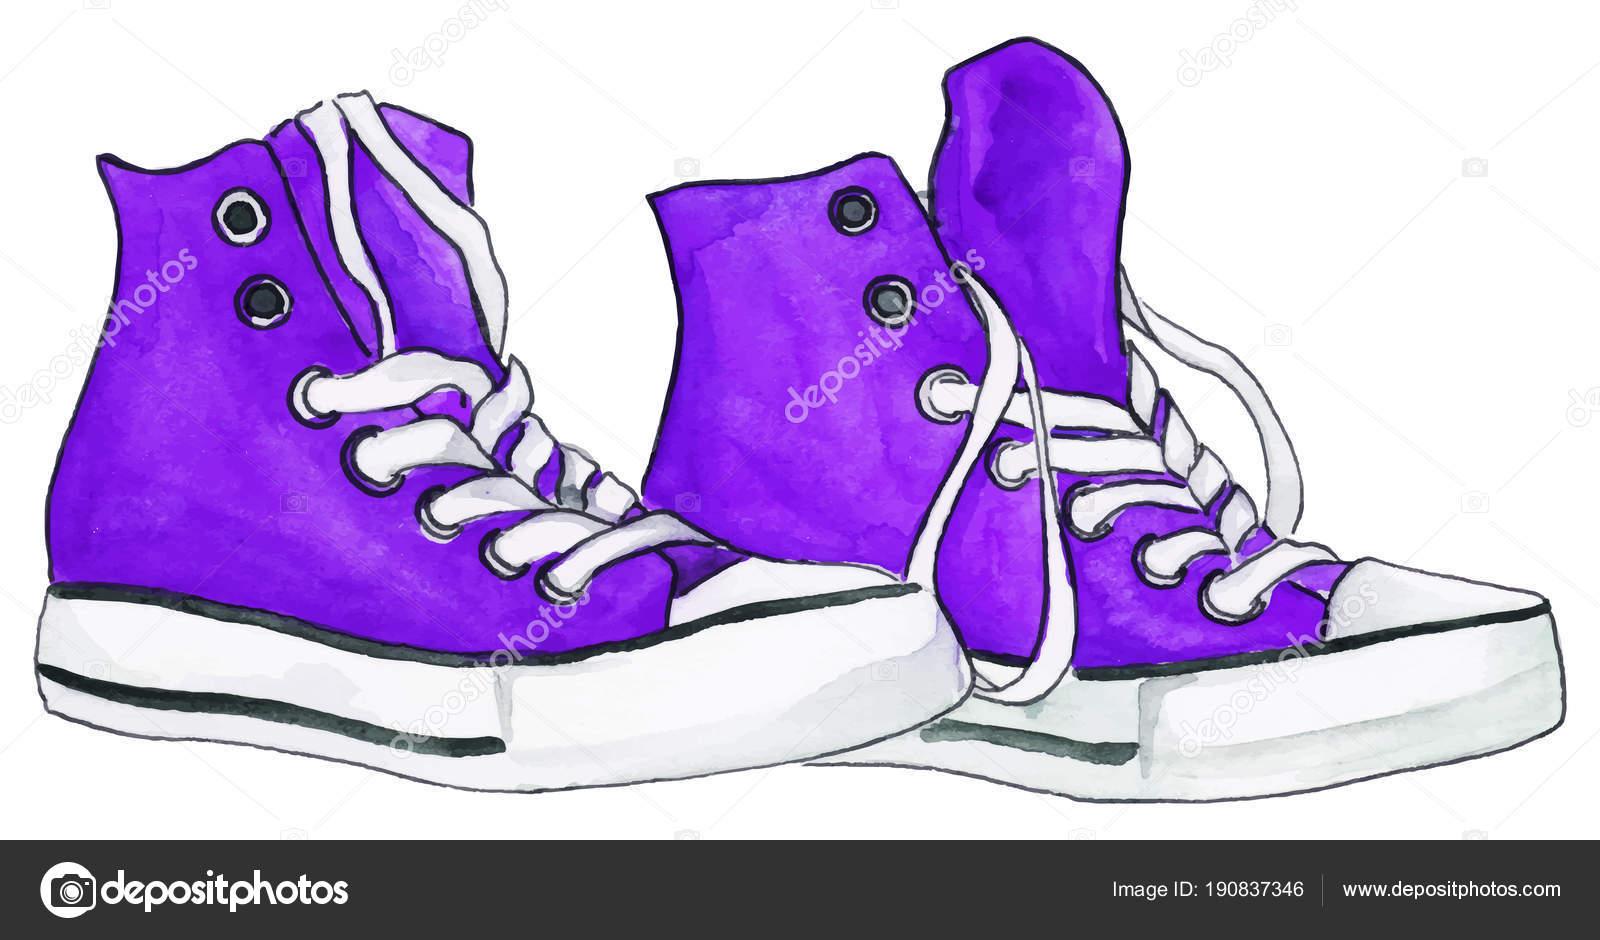 ChaussuresIsolierten Chaussures Paar Aquarell Lila Tennis Violett de 08wPnkO